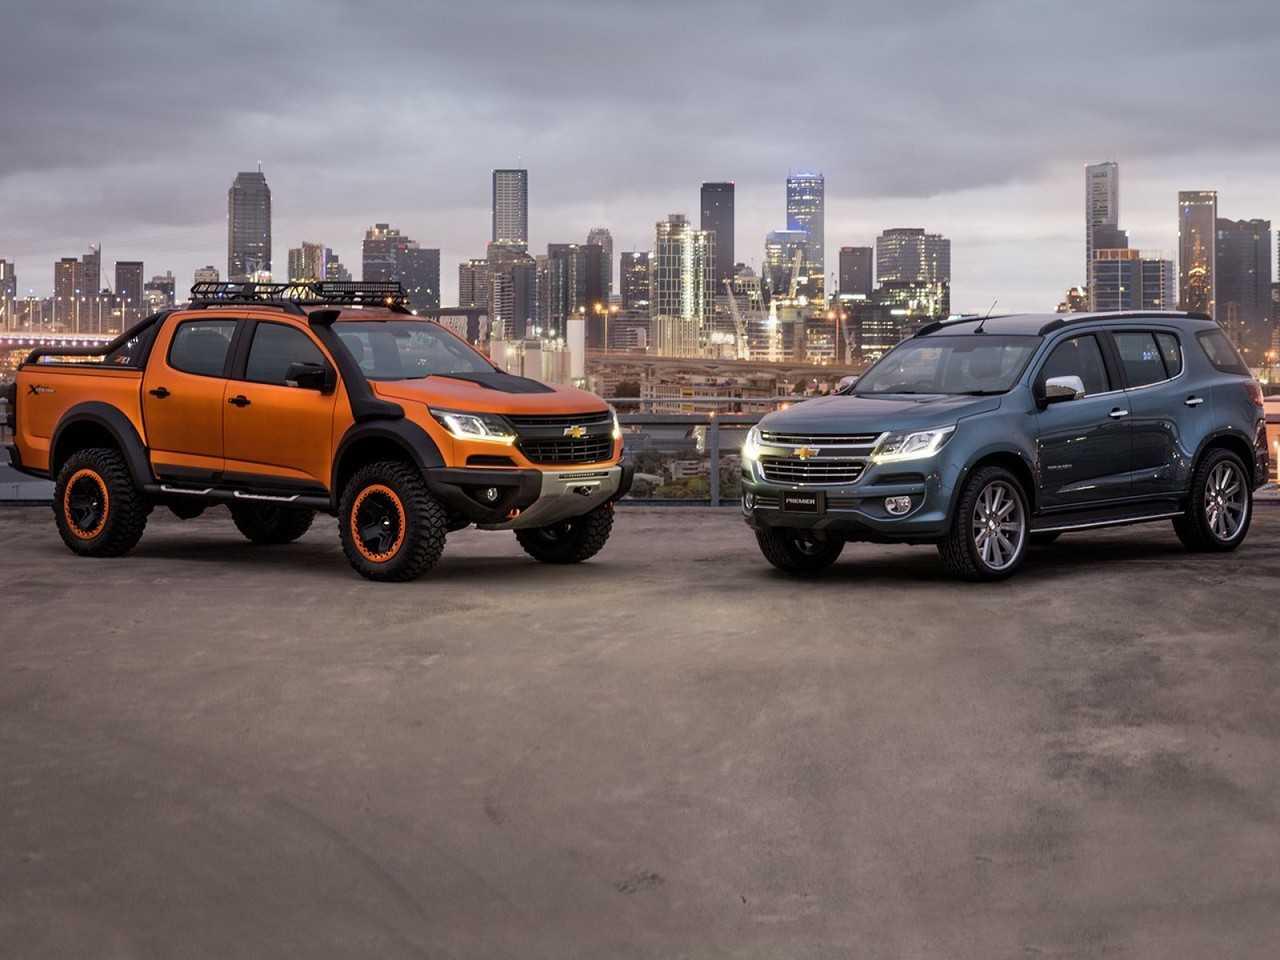 Colorado Xtreme e Trailblazer Premier: versões especiais revelam as mudanças no visual dos modelos da Chevrolet